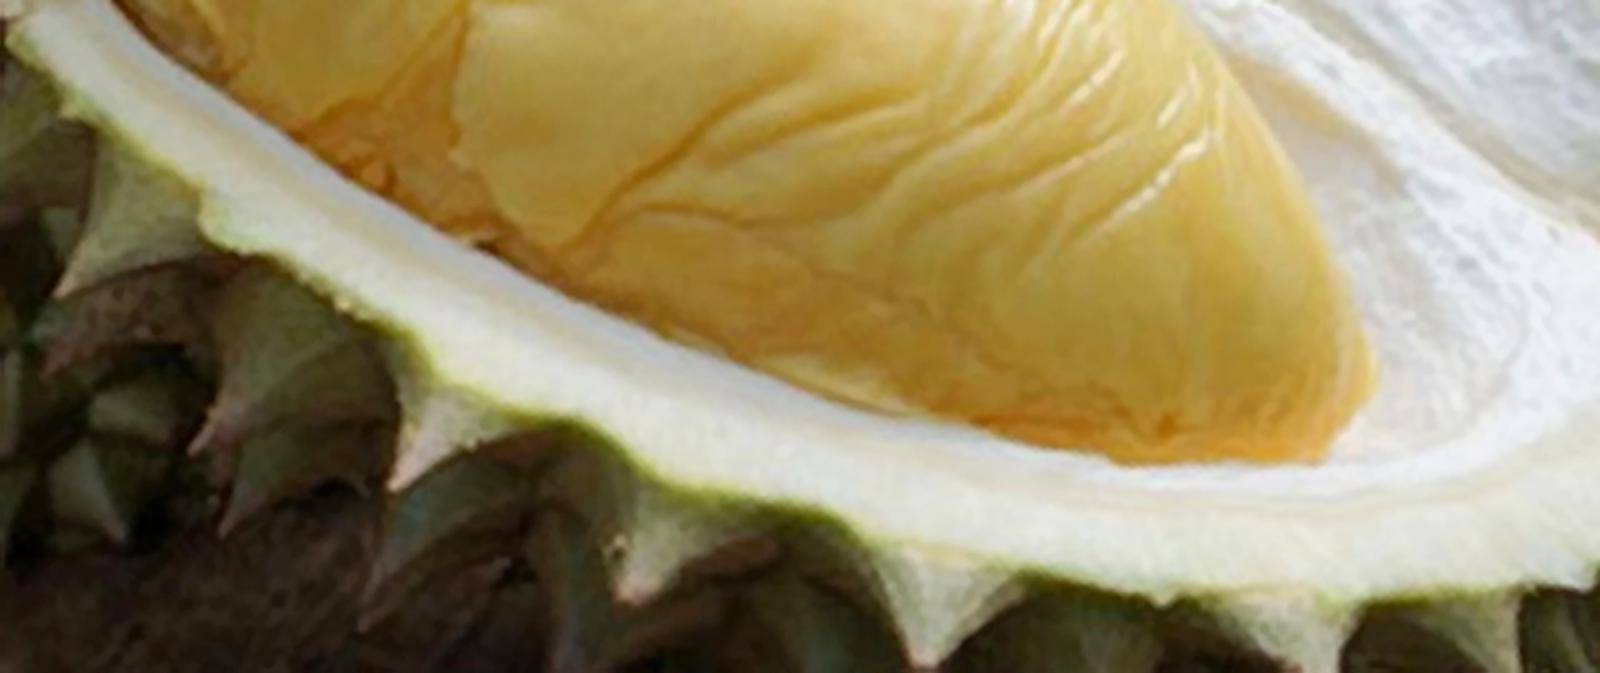 14 Manfaat Buah Durian untuk Kesehatan